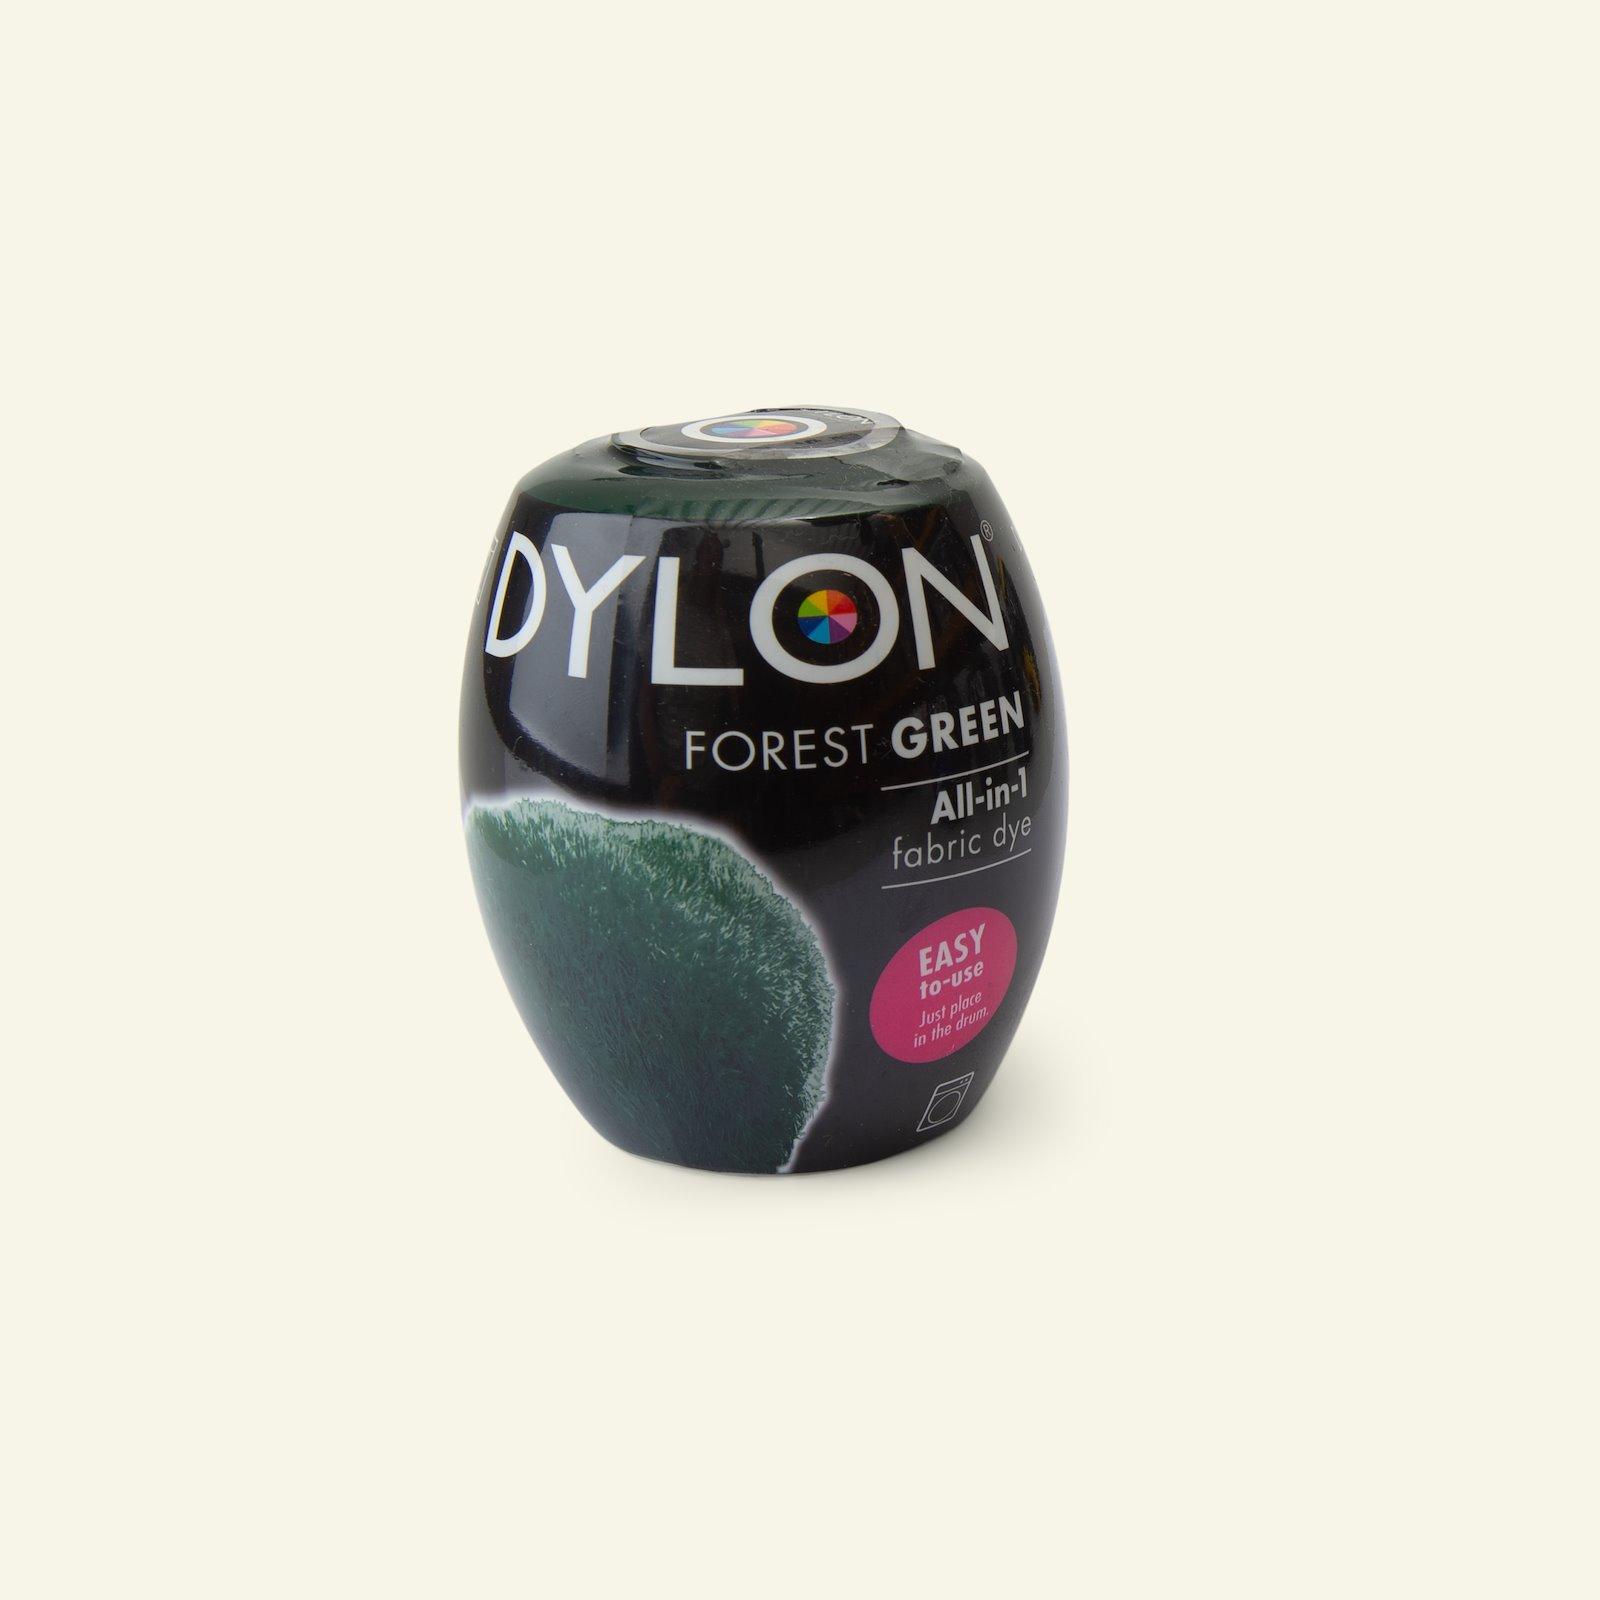 Dylon Maschinenfarbe, Dunkelgrün 29704_pack_b